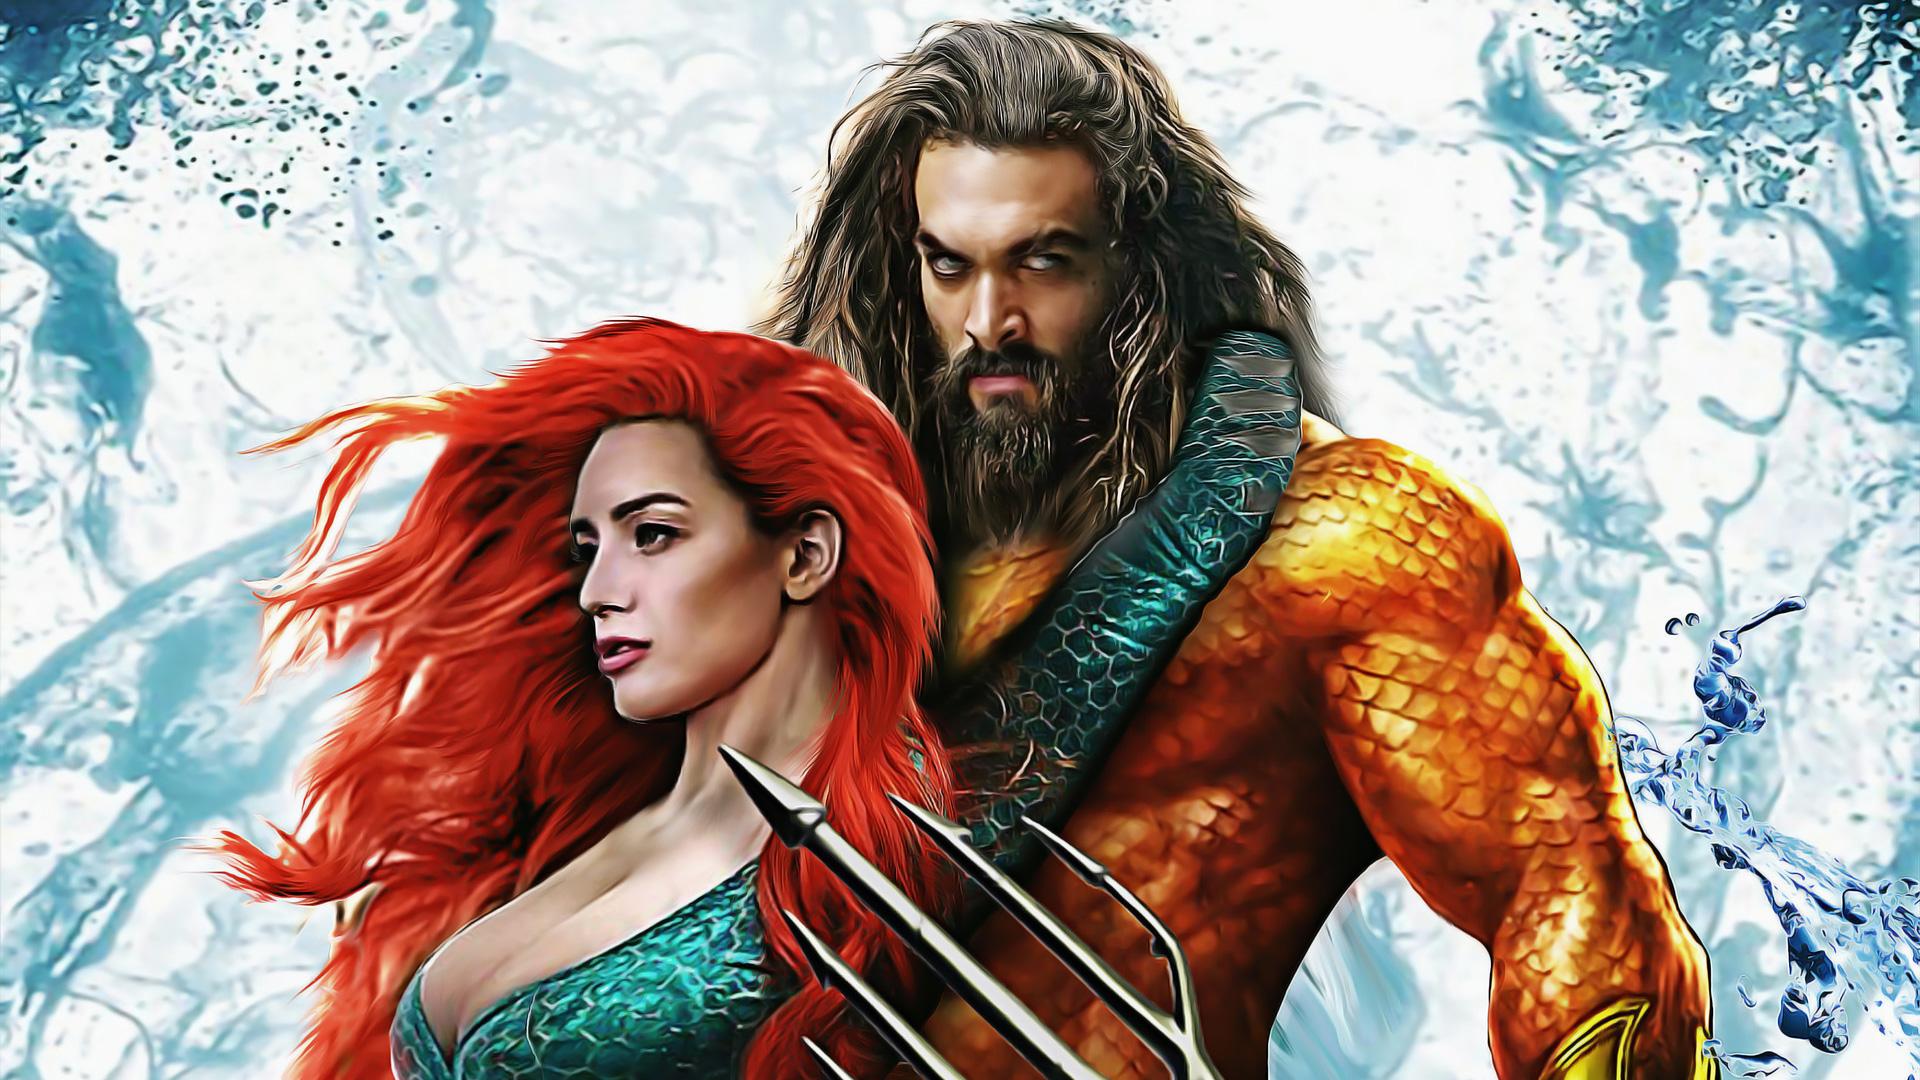 Aquaman Movie Free Download In Hindi In 1080: 1920x1080 Aquaman And Mera Art Laptop Full HD 1080P HD 4k